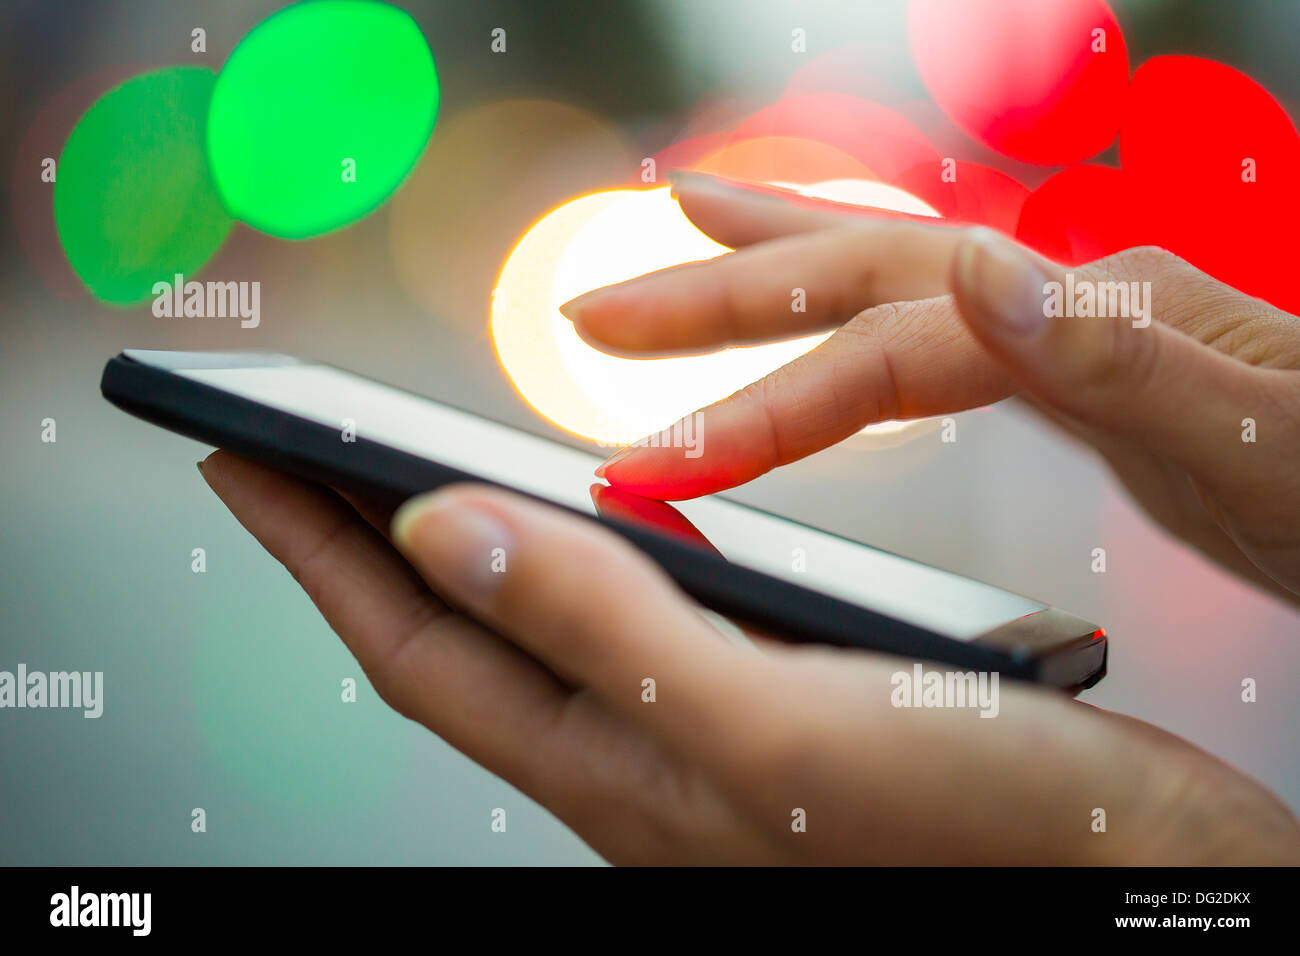 Femmina mobile esterno città telefono messaggio sms Immagini Stock